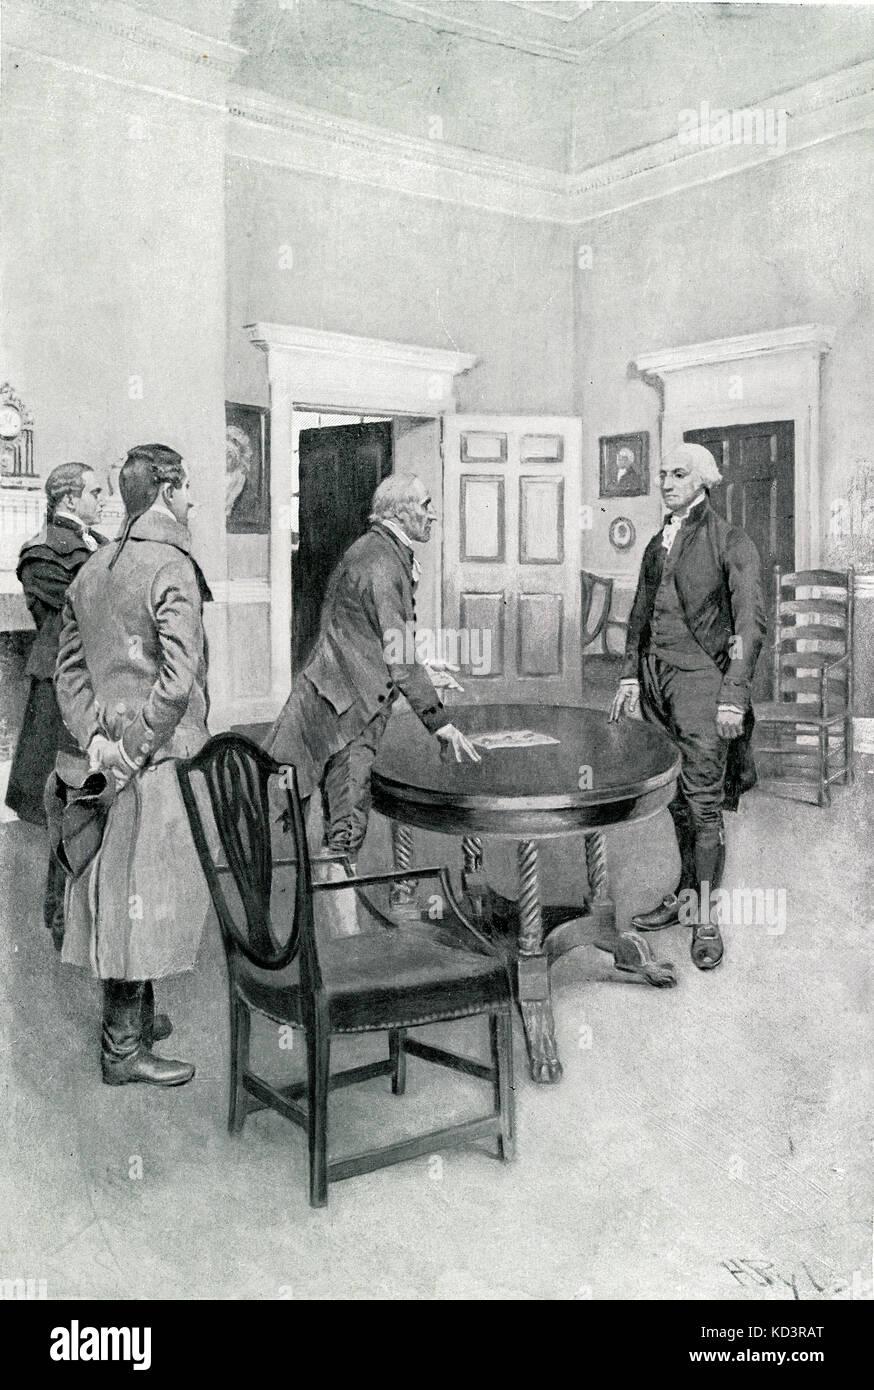 Charles Thompson anuncia a George Washington su elección como primer Presidente de los Estados Unidos en Mount Vernon, 1789. Ilustración de Howard Pyle, 1896 Foto de stock